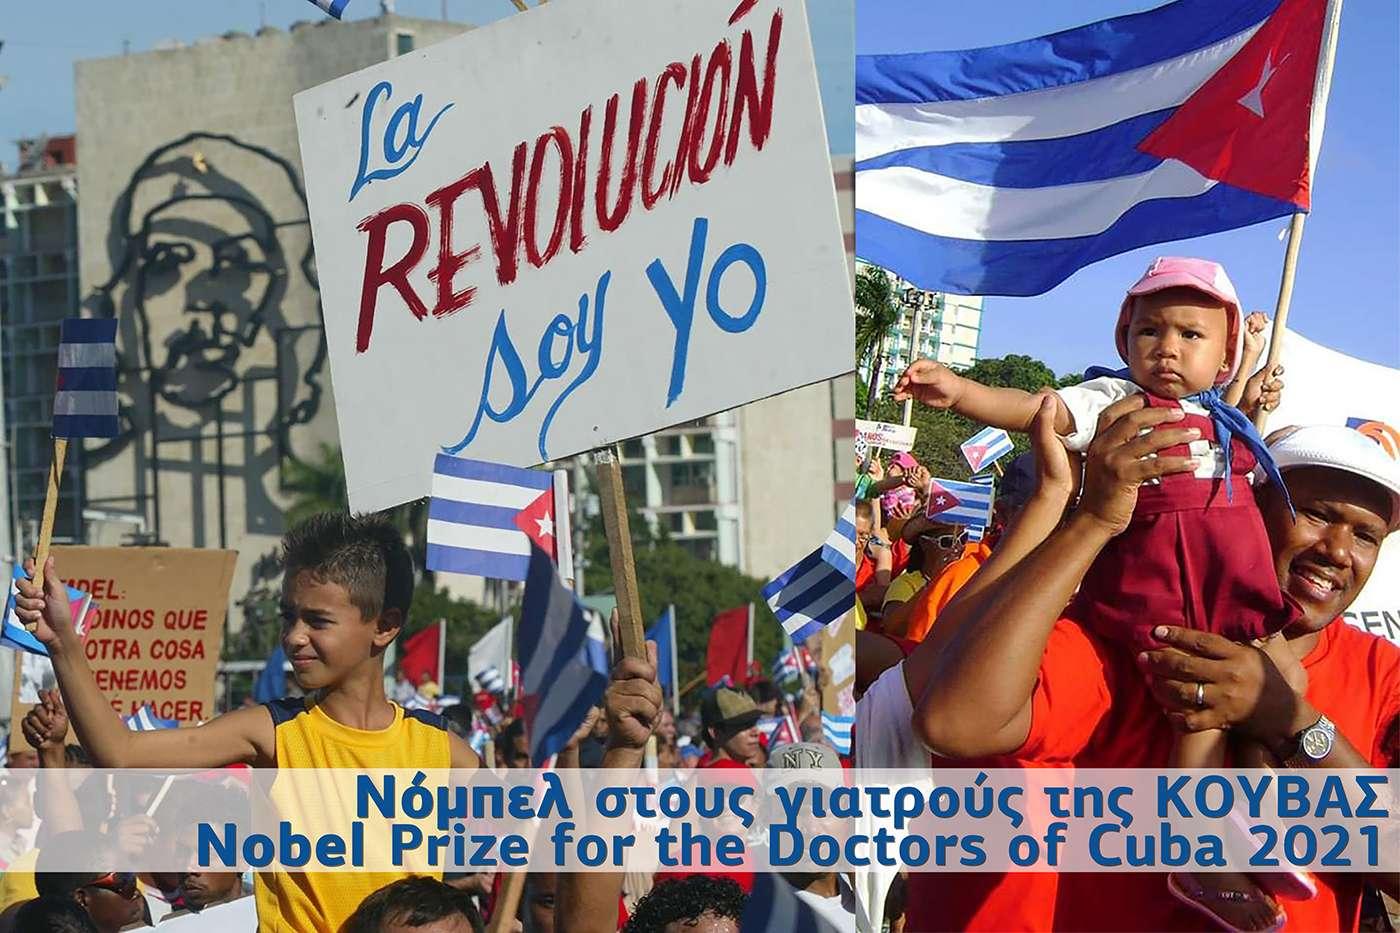 Νόμπελ στους Κουβανούς Γιατρούς │Nobel prize for the doctors of Cuba 2021 │Προβλήματα & Προοπτικές